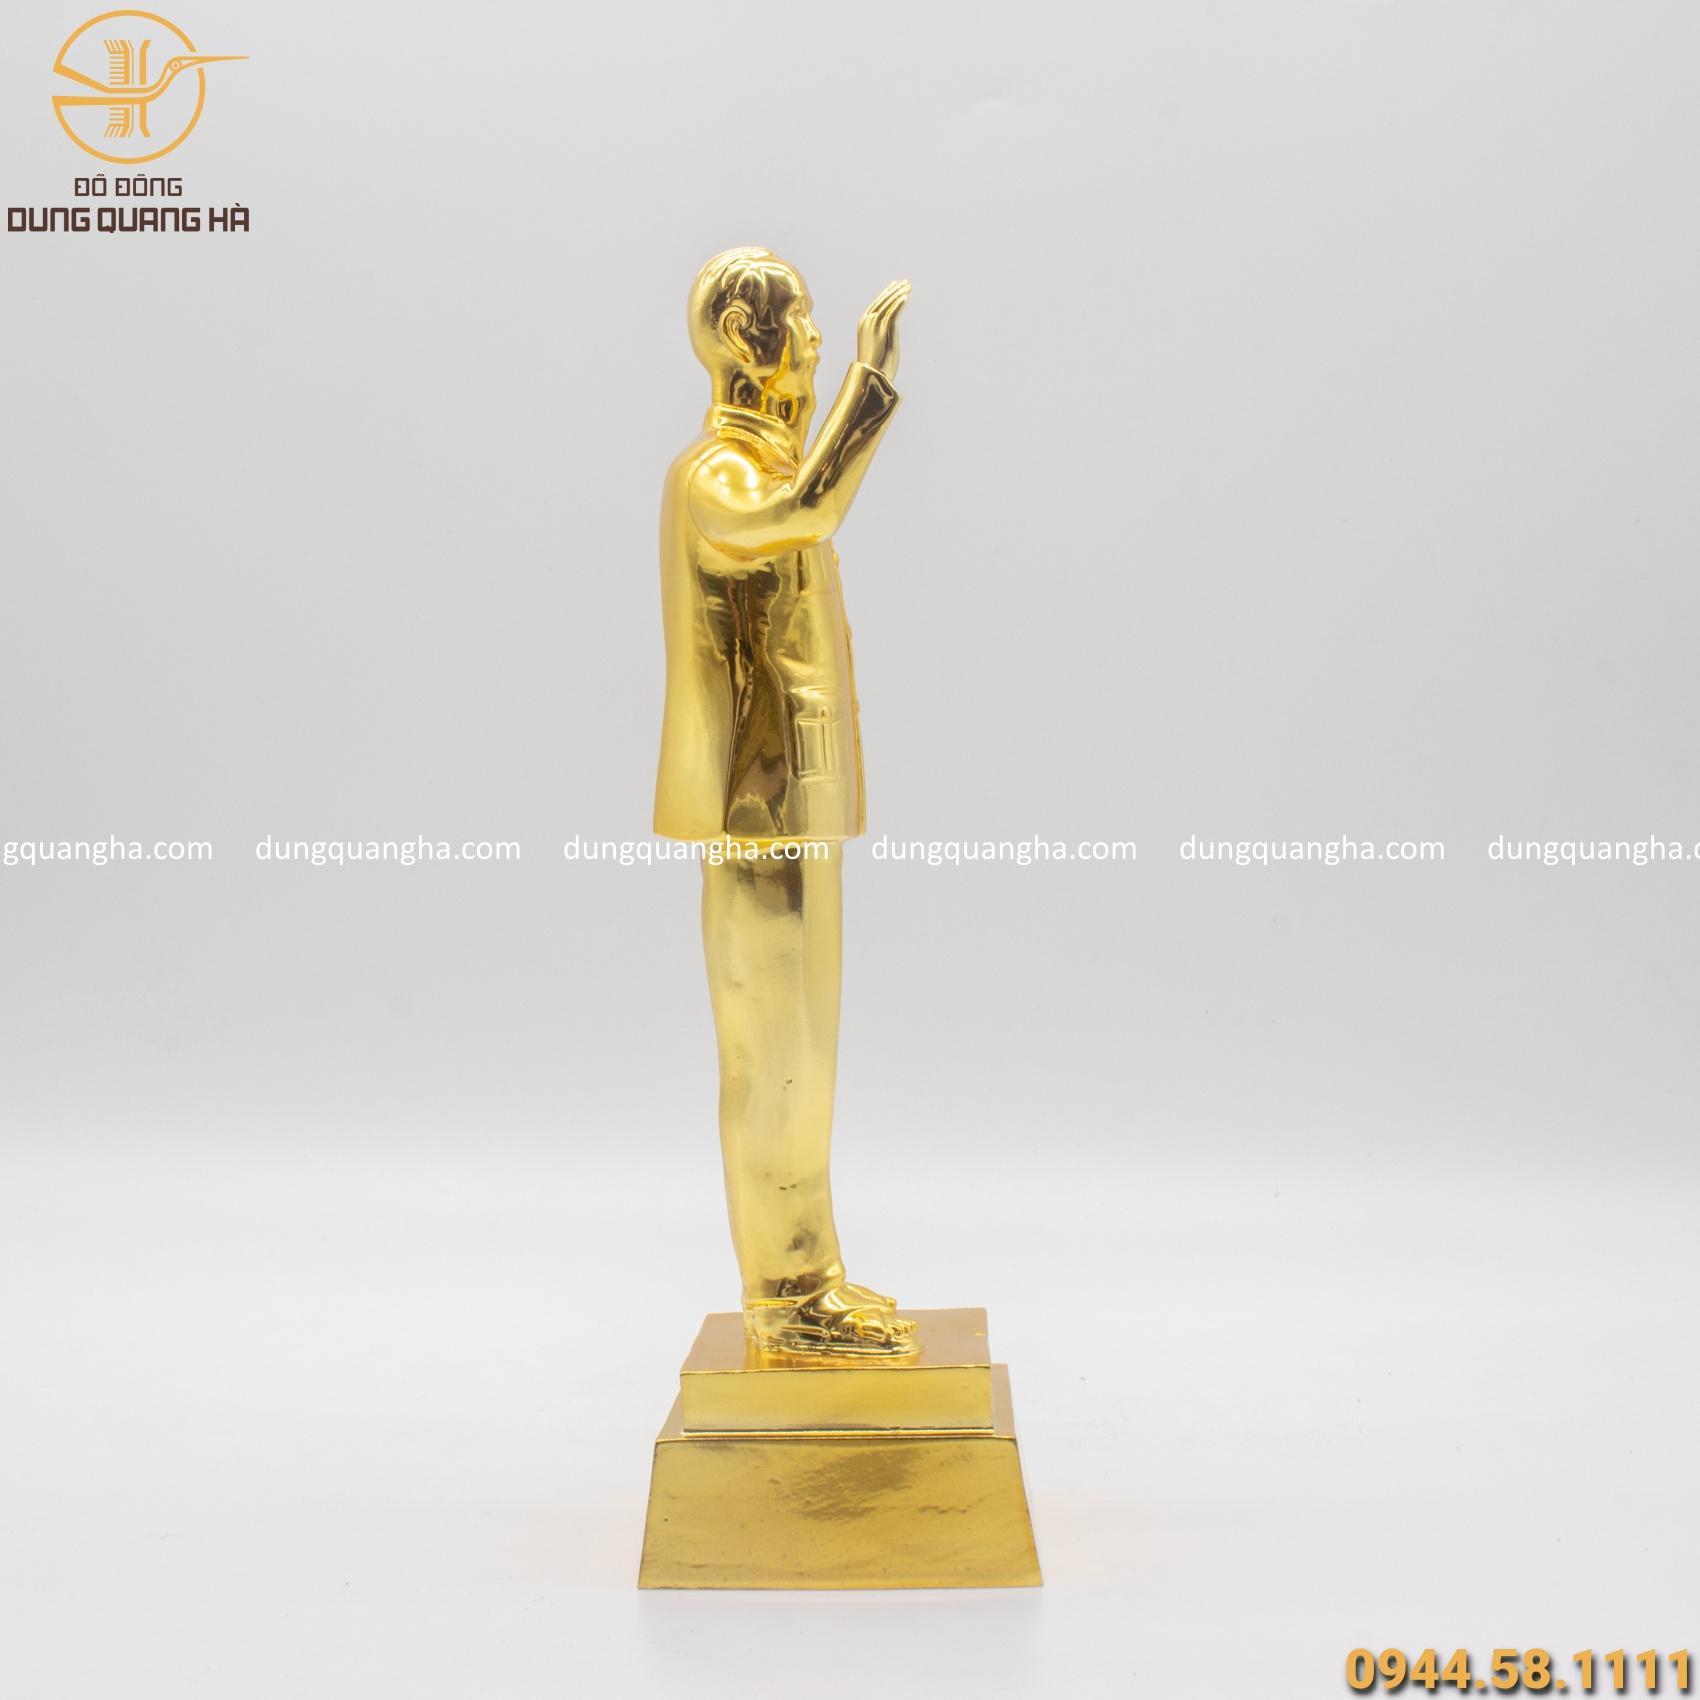 Tượng Bác Hồ vẫy tay chào bằng đồng mạ vàng tinh xảo